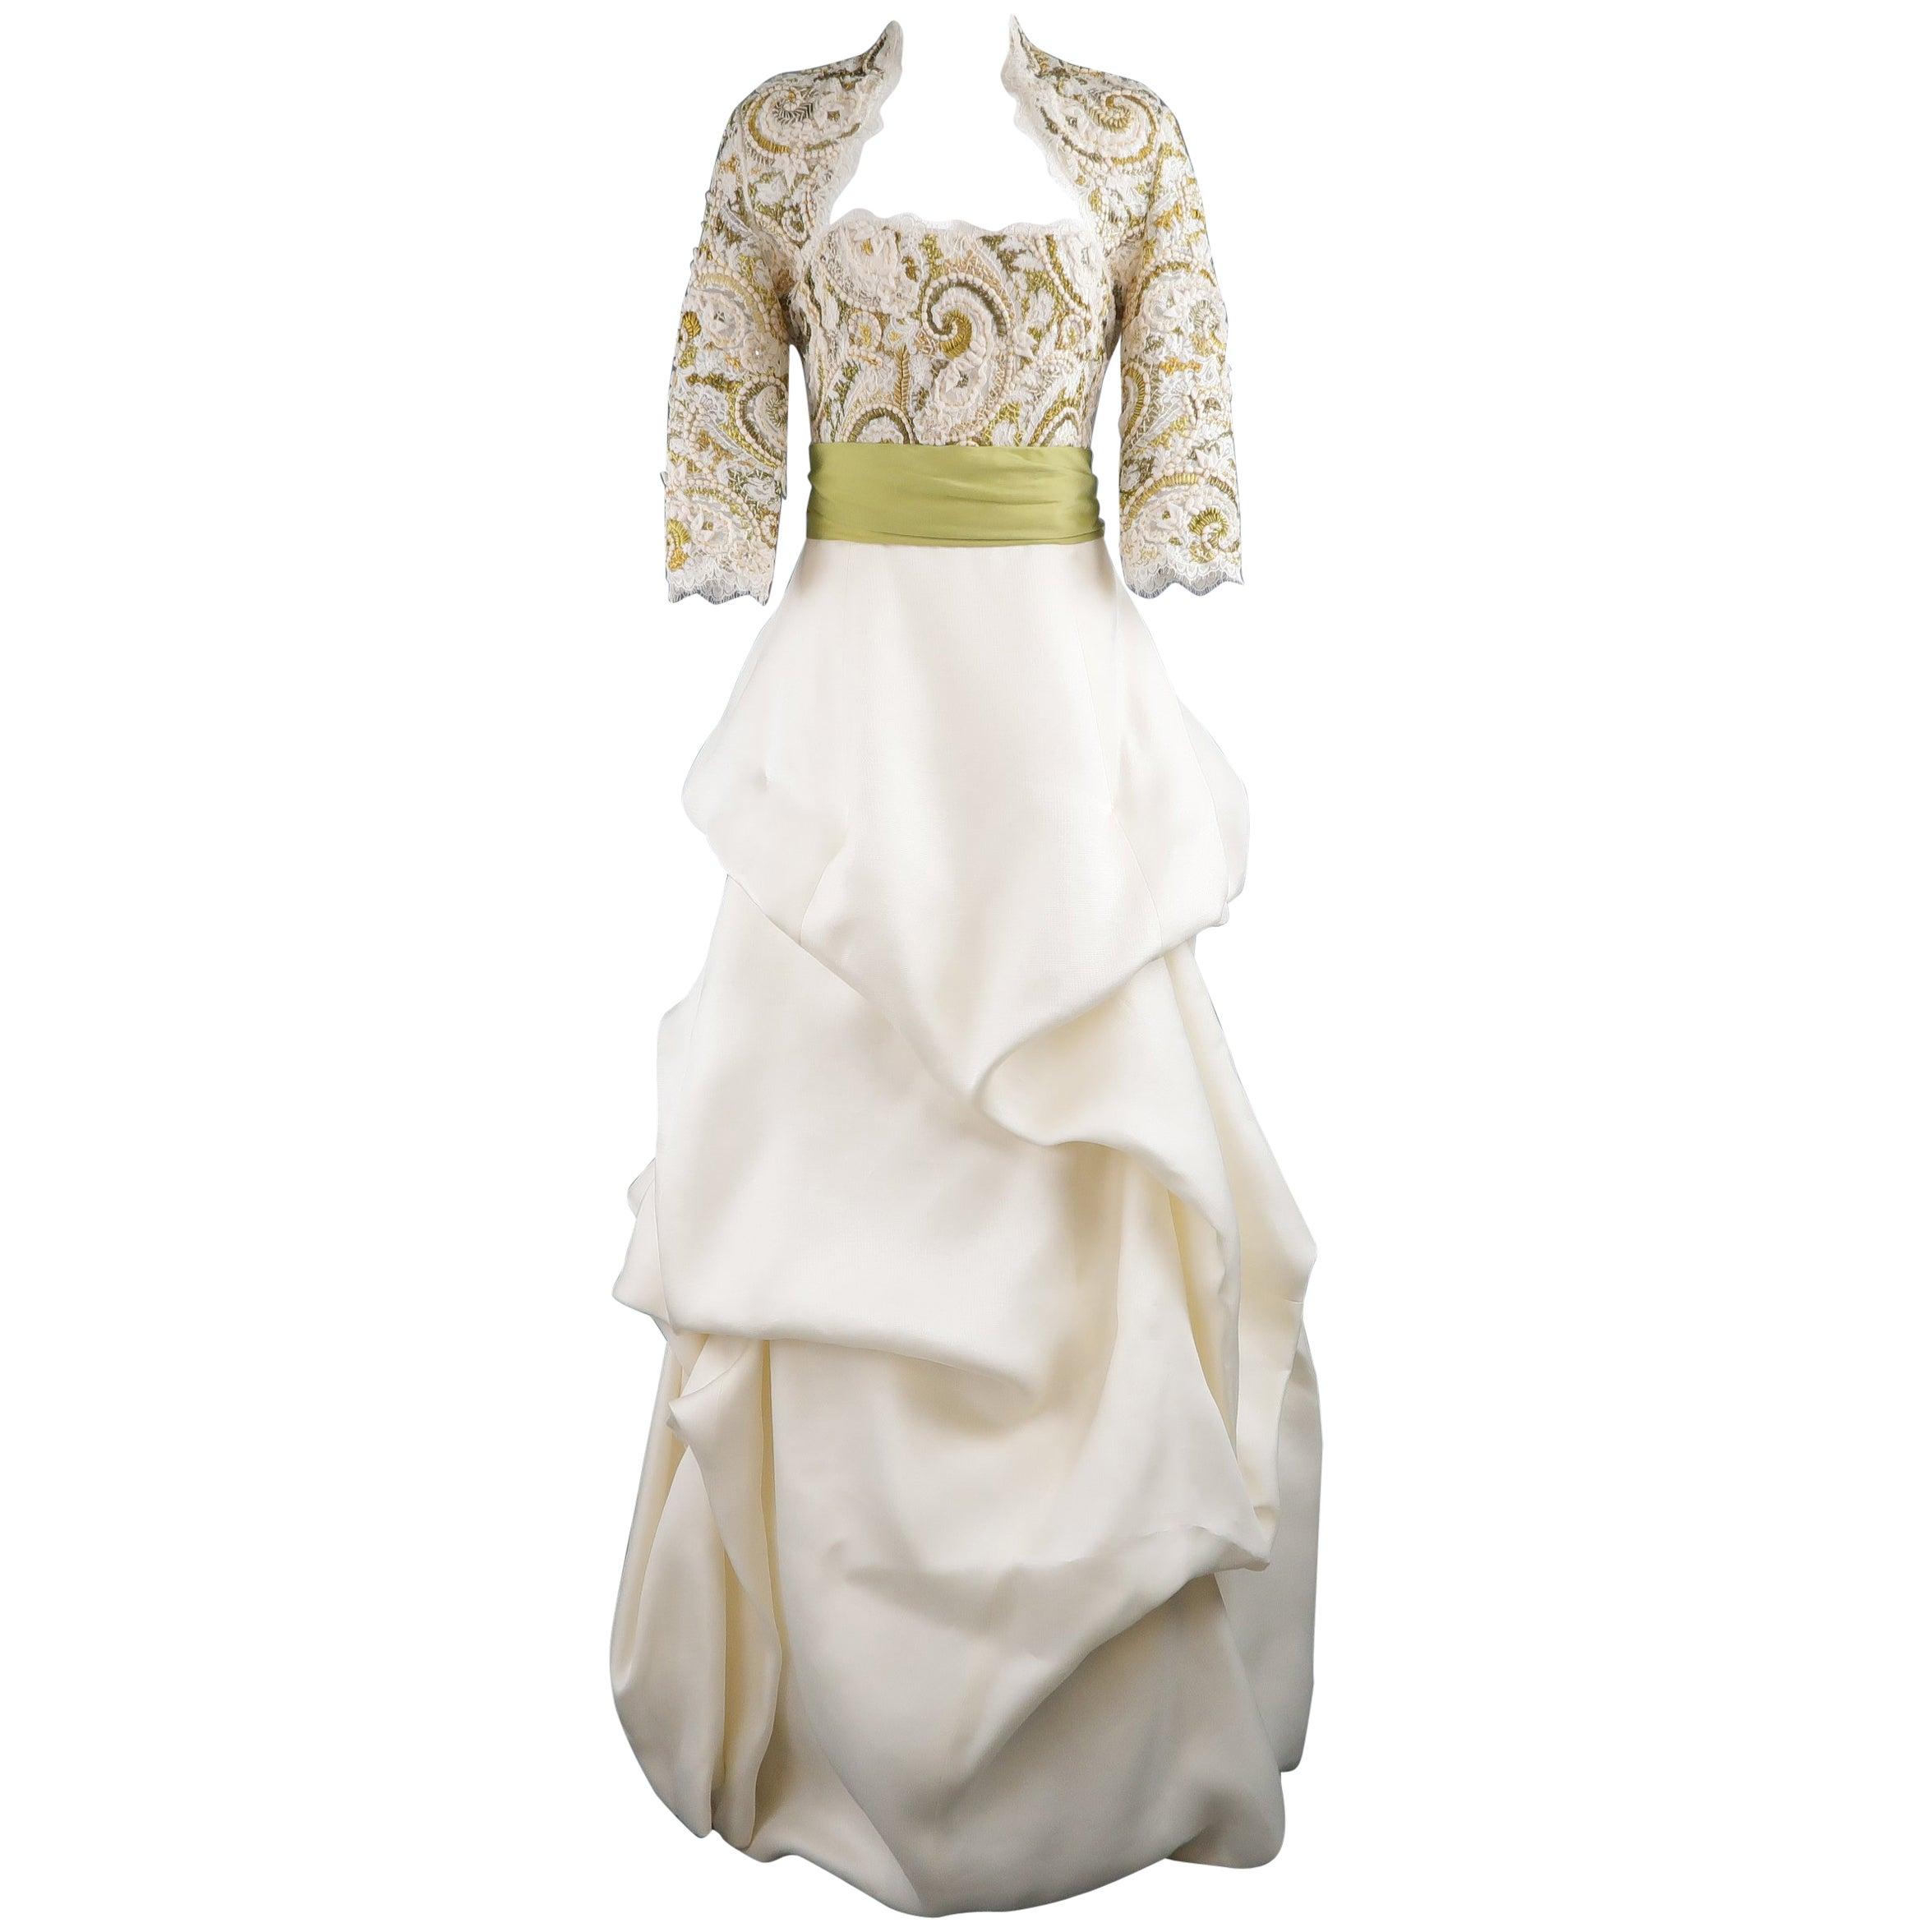 Monique Lhuillier Gown Dress Cream Gold Green Lace Bodice Bolero